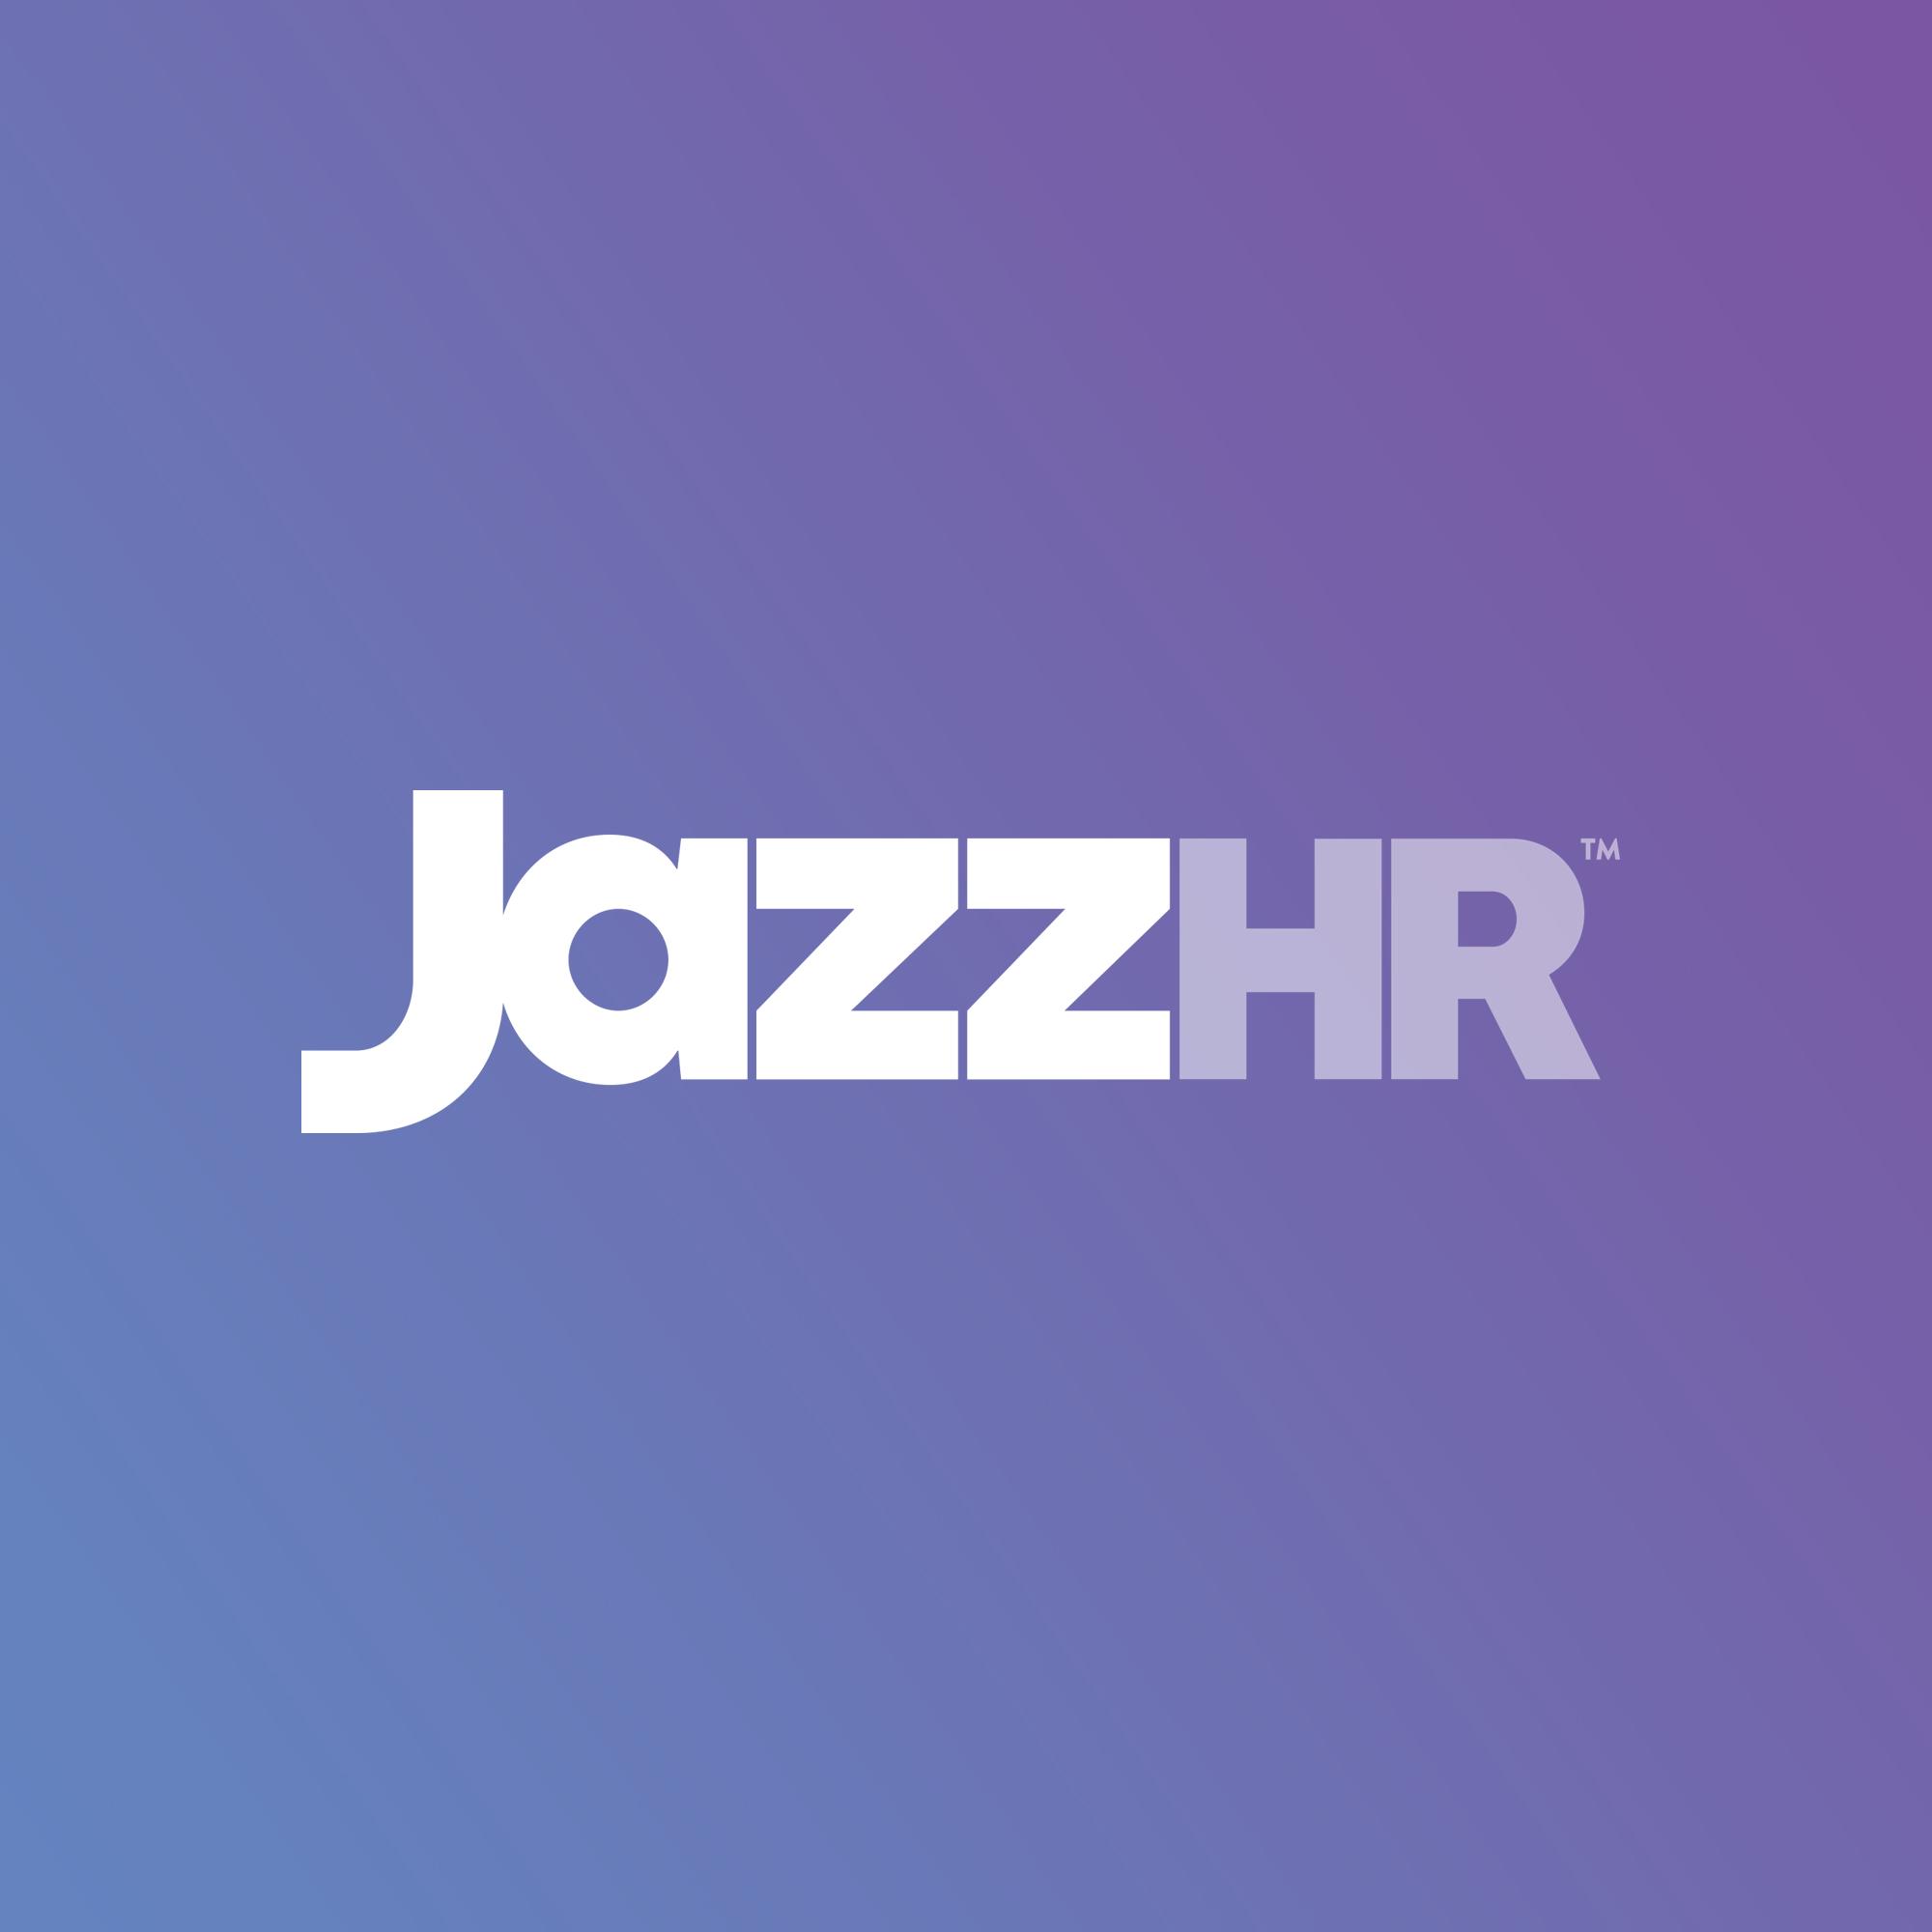 Jazz Hr Technographics